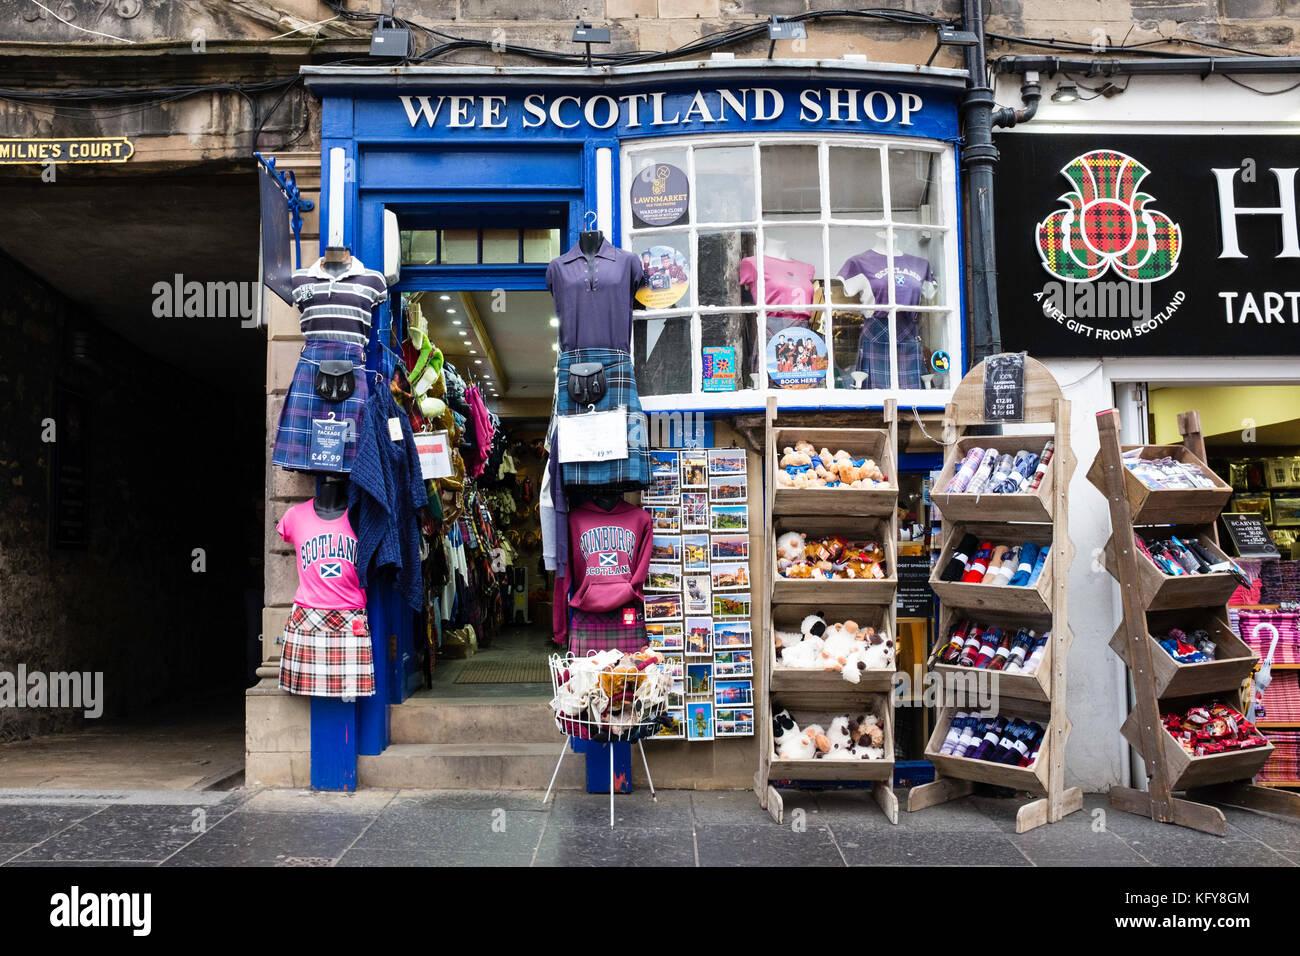 Exterior de la típica tienda de recuerdos para turistas en la Royal Mile de Edimburgo, Escocia, Reino Unido. Imagen De Stock